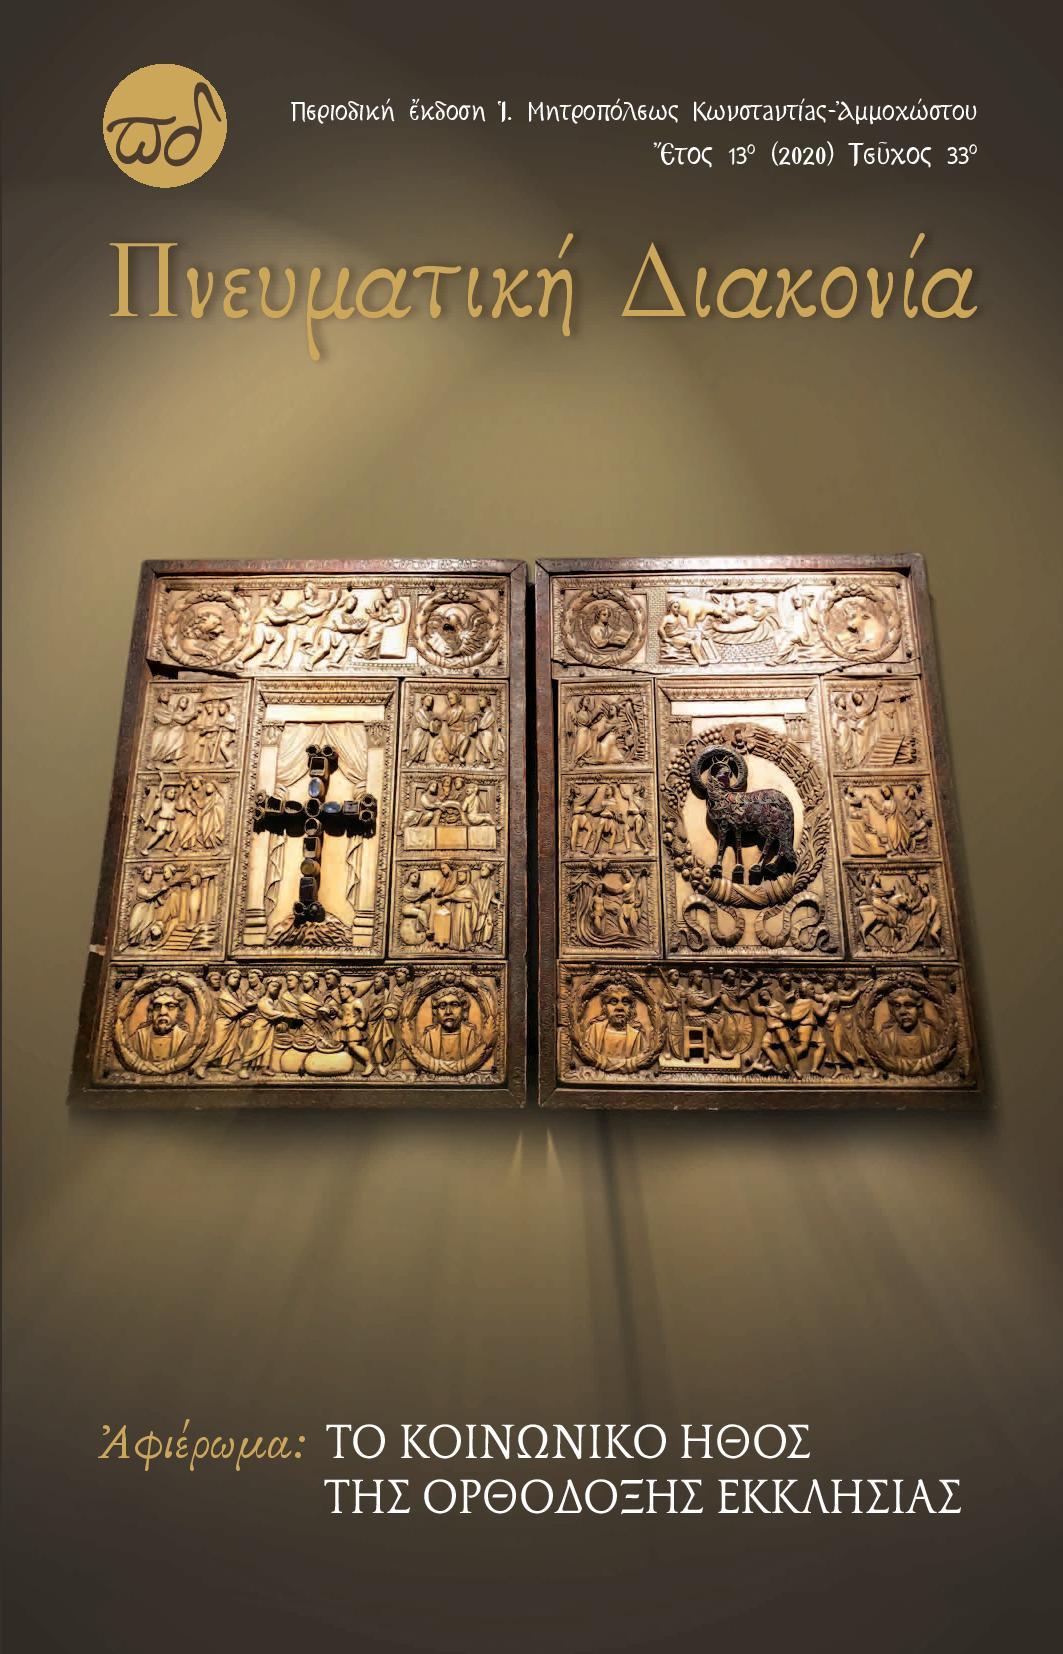 Περιοδικό Πνευματική Διακονία